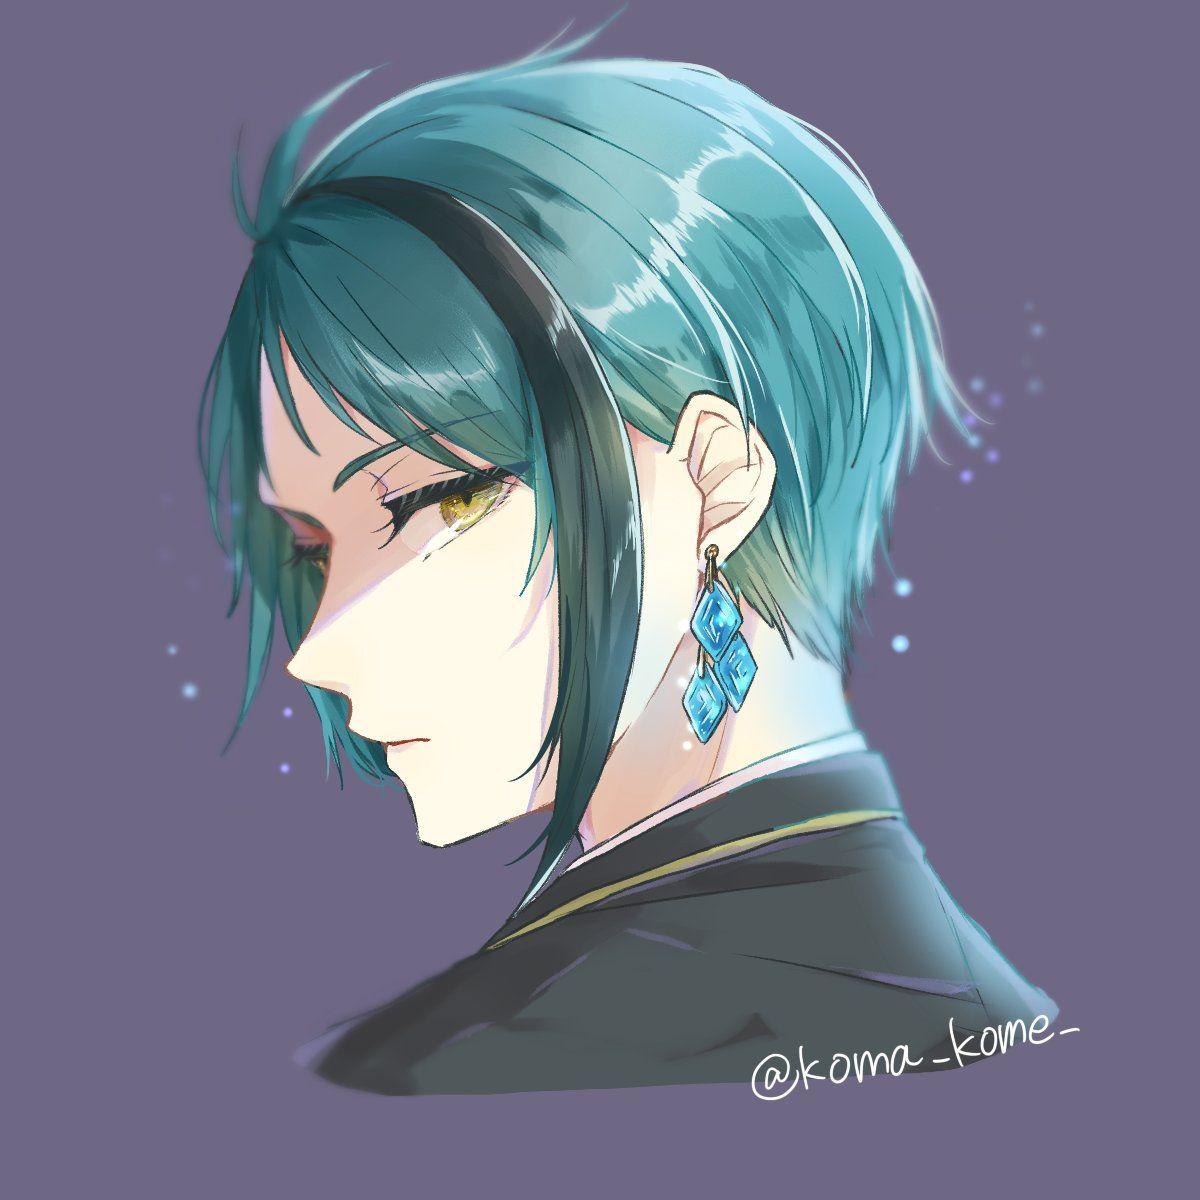 駒米 on twitter anime anime boy wonderland